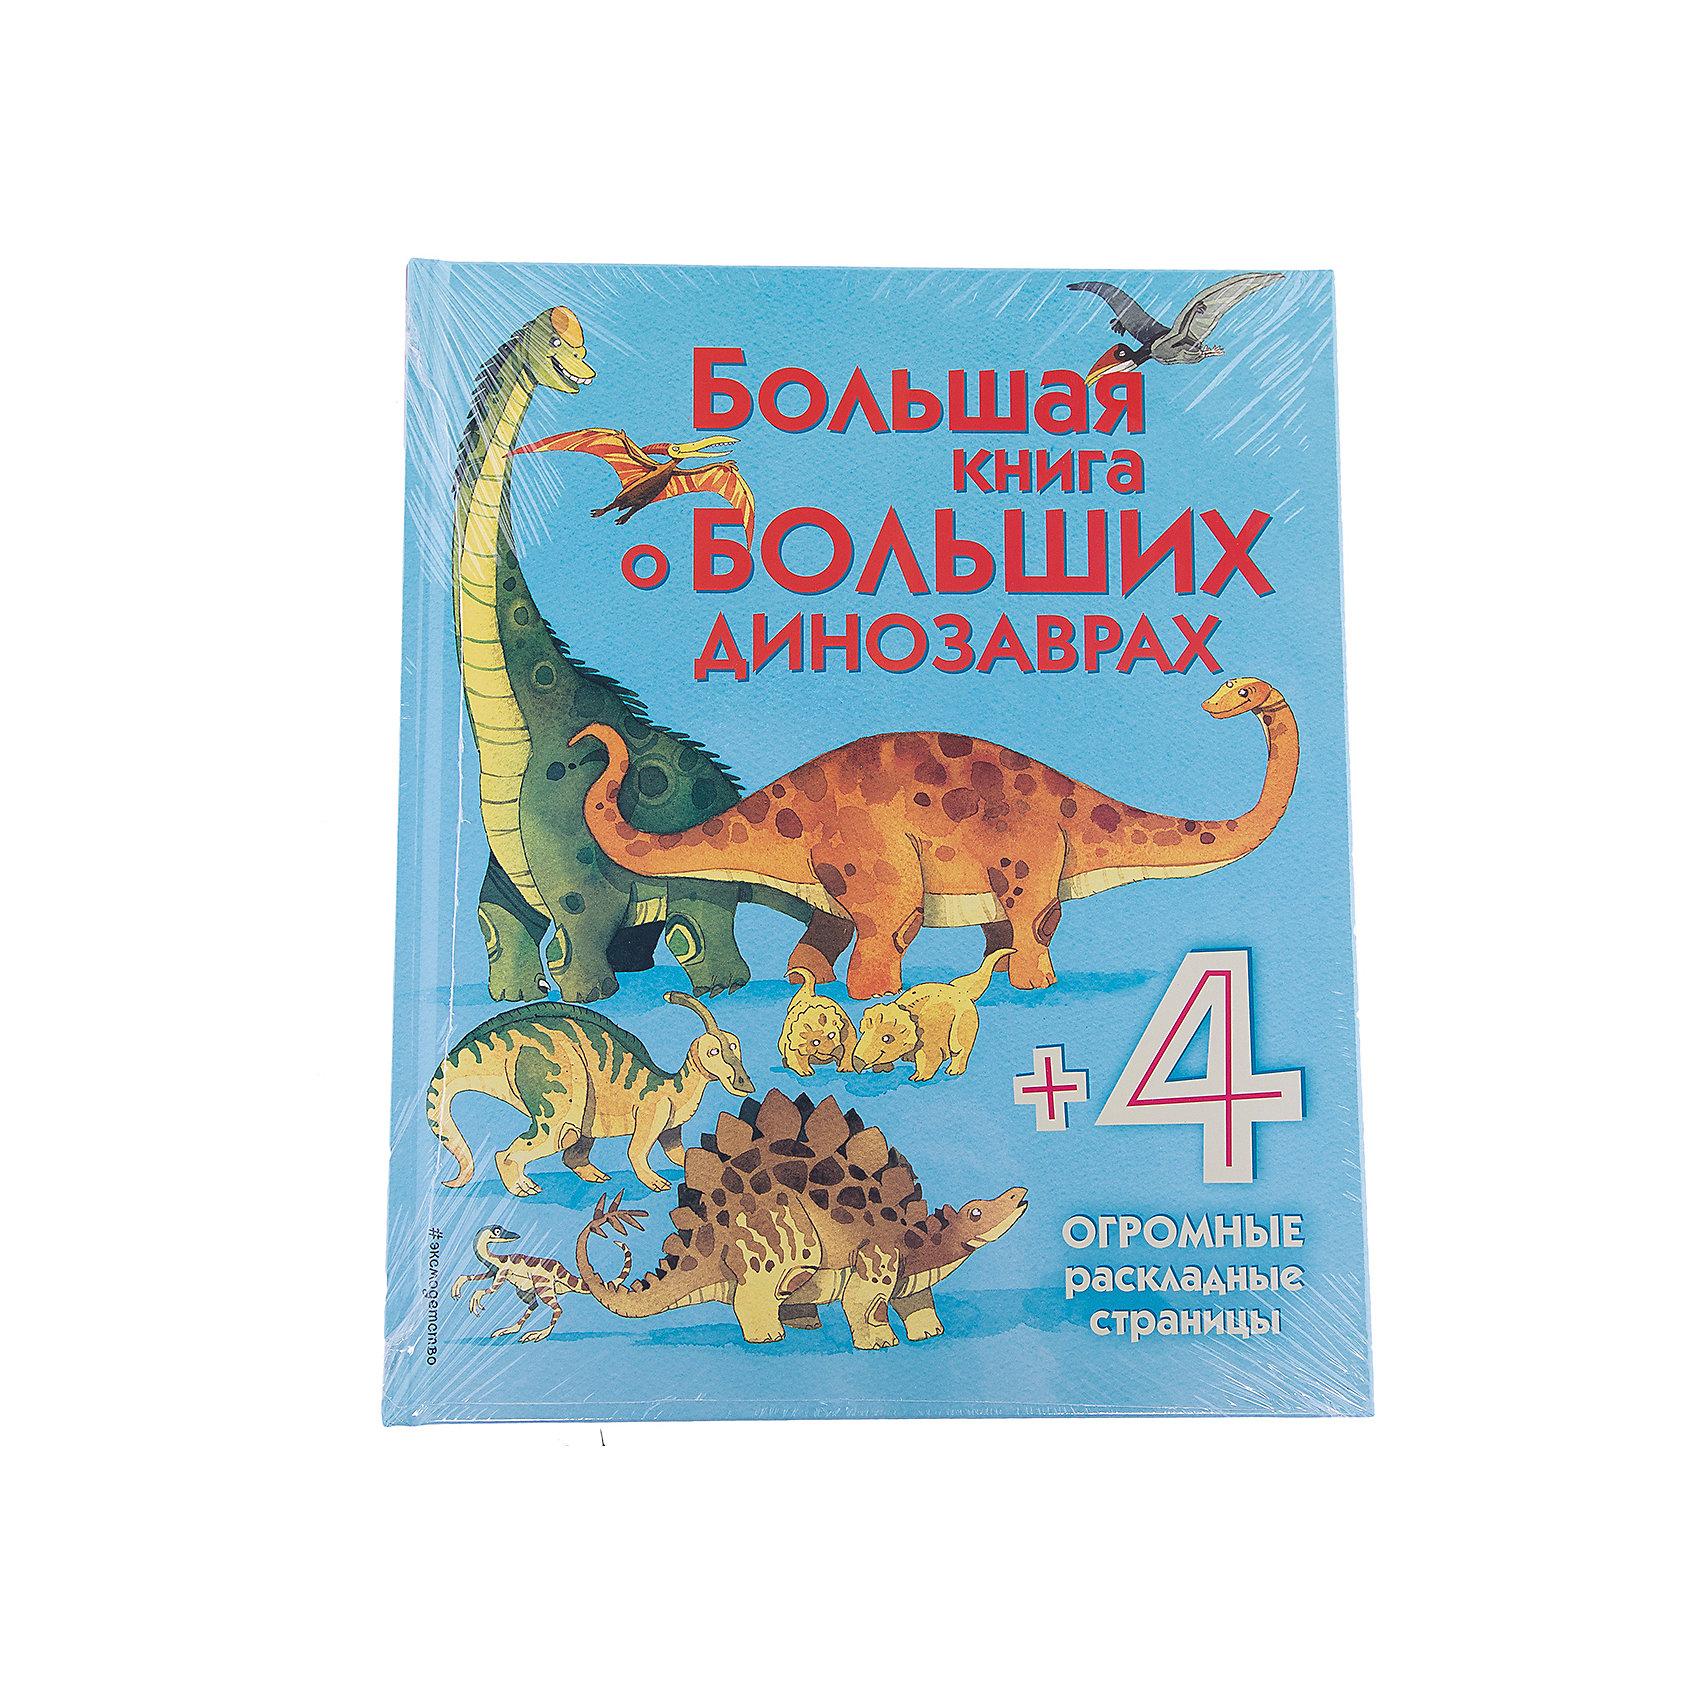 Большая книга о больших динозаврахЭнциклопедии про динозавров<br>Серия «Энциклопедия для малышей (с клапанами)» — замечательный подарок каждому ребенку! На огромных раскладных страницах «Большой книги о больших динозаврах» дети встретятся с доисторическими животными, обитавших на Земле миллионы лет назад. Они узнают, как выглядели ужасные ящеры, чем они питались, как оборонялись от врагов, какими были морские монстры и покорители неба.<br><br>Ширина мм: 320<br>Глубина мм: 250<br>Высота мм: 10<br>Вес г: 407<br>Возраст от месяцев: 48<br>Возраст до месяцев: 72<br>Пол: Унисекс<br>Возраст: Детский<br>SKU: 6877994